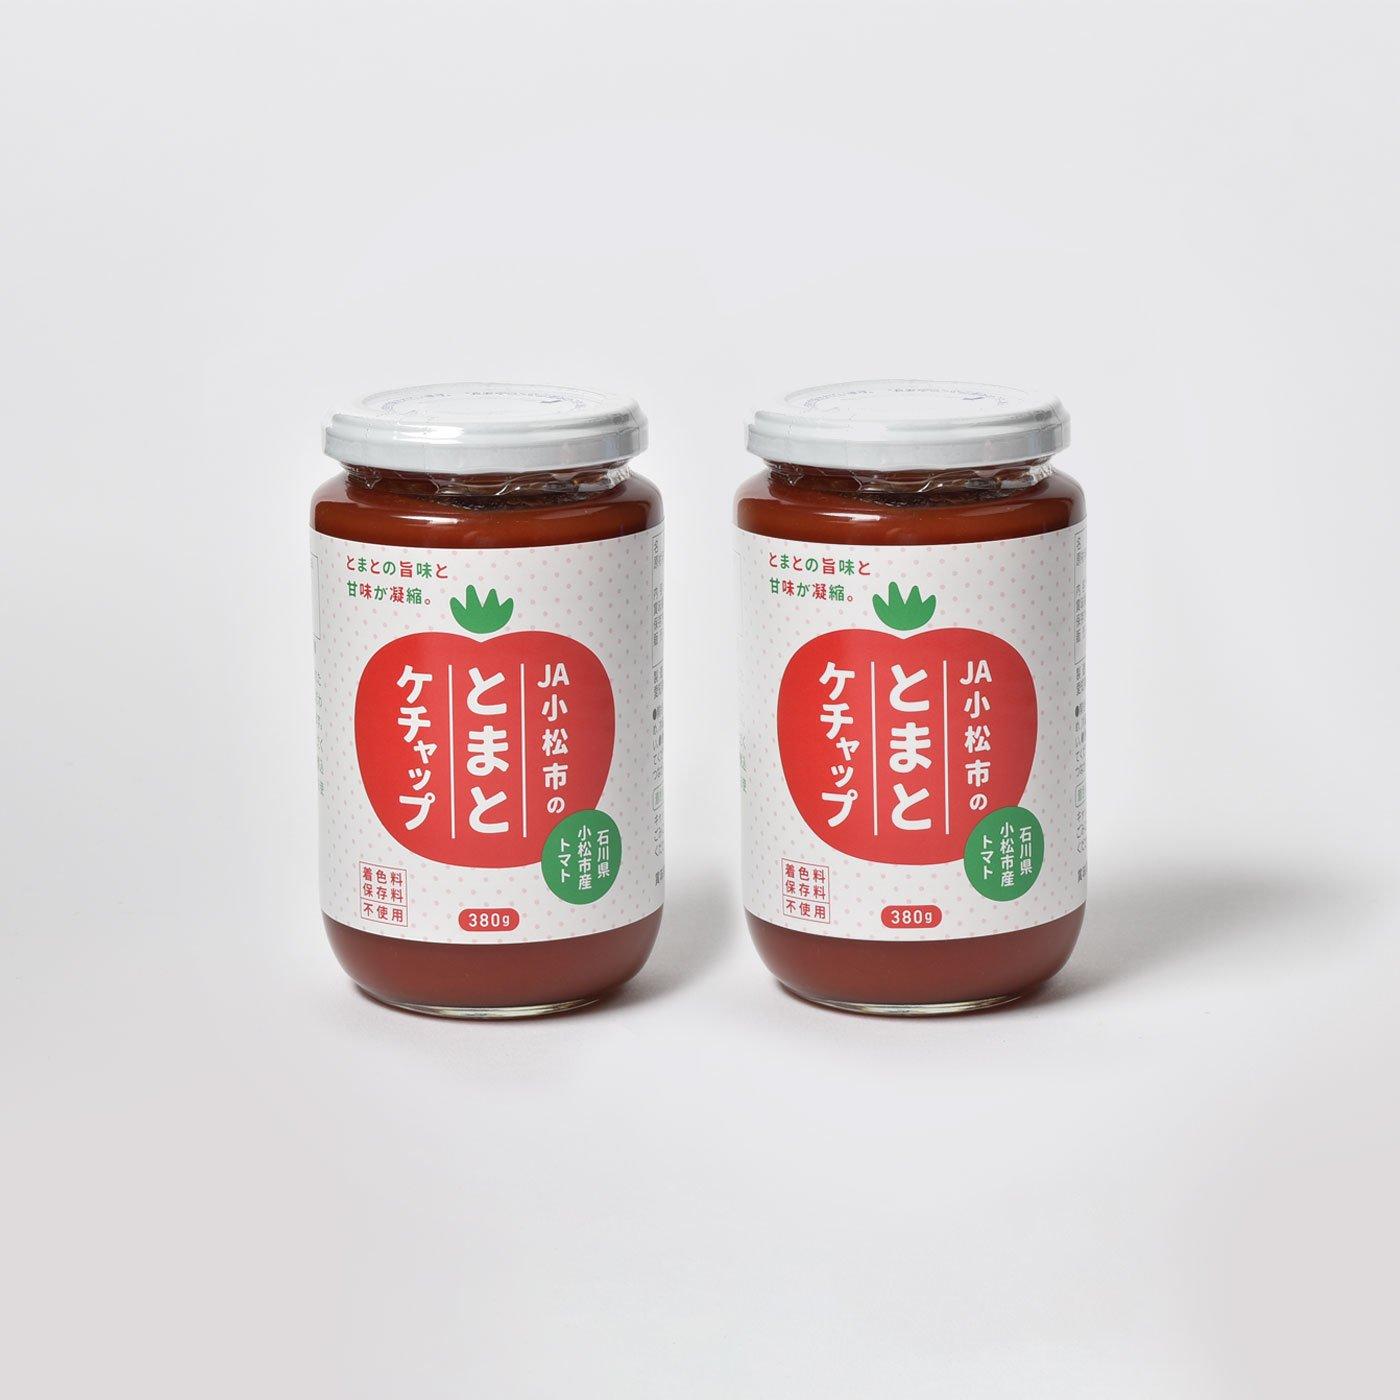 純農 完熟トマトのうま味! 小松のびん詰トマトケチャップ(2本セット)の会